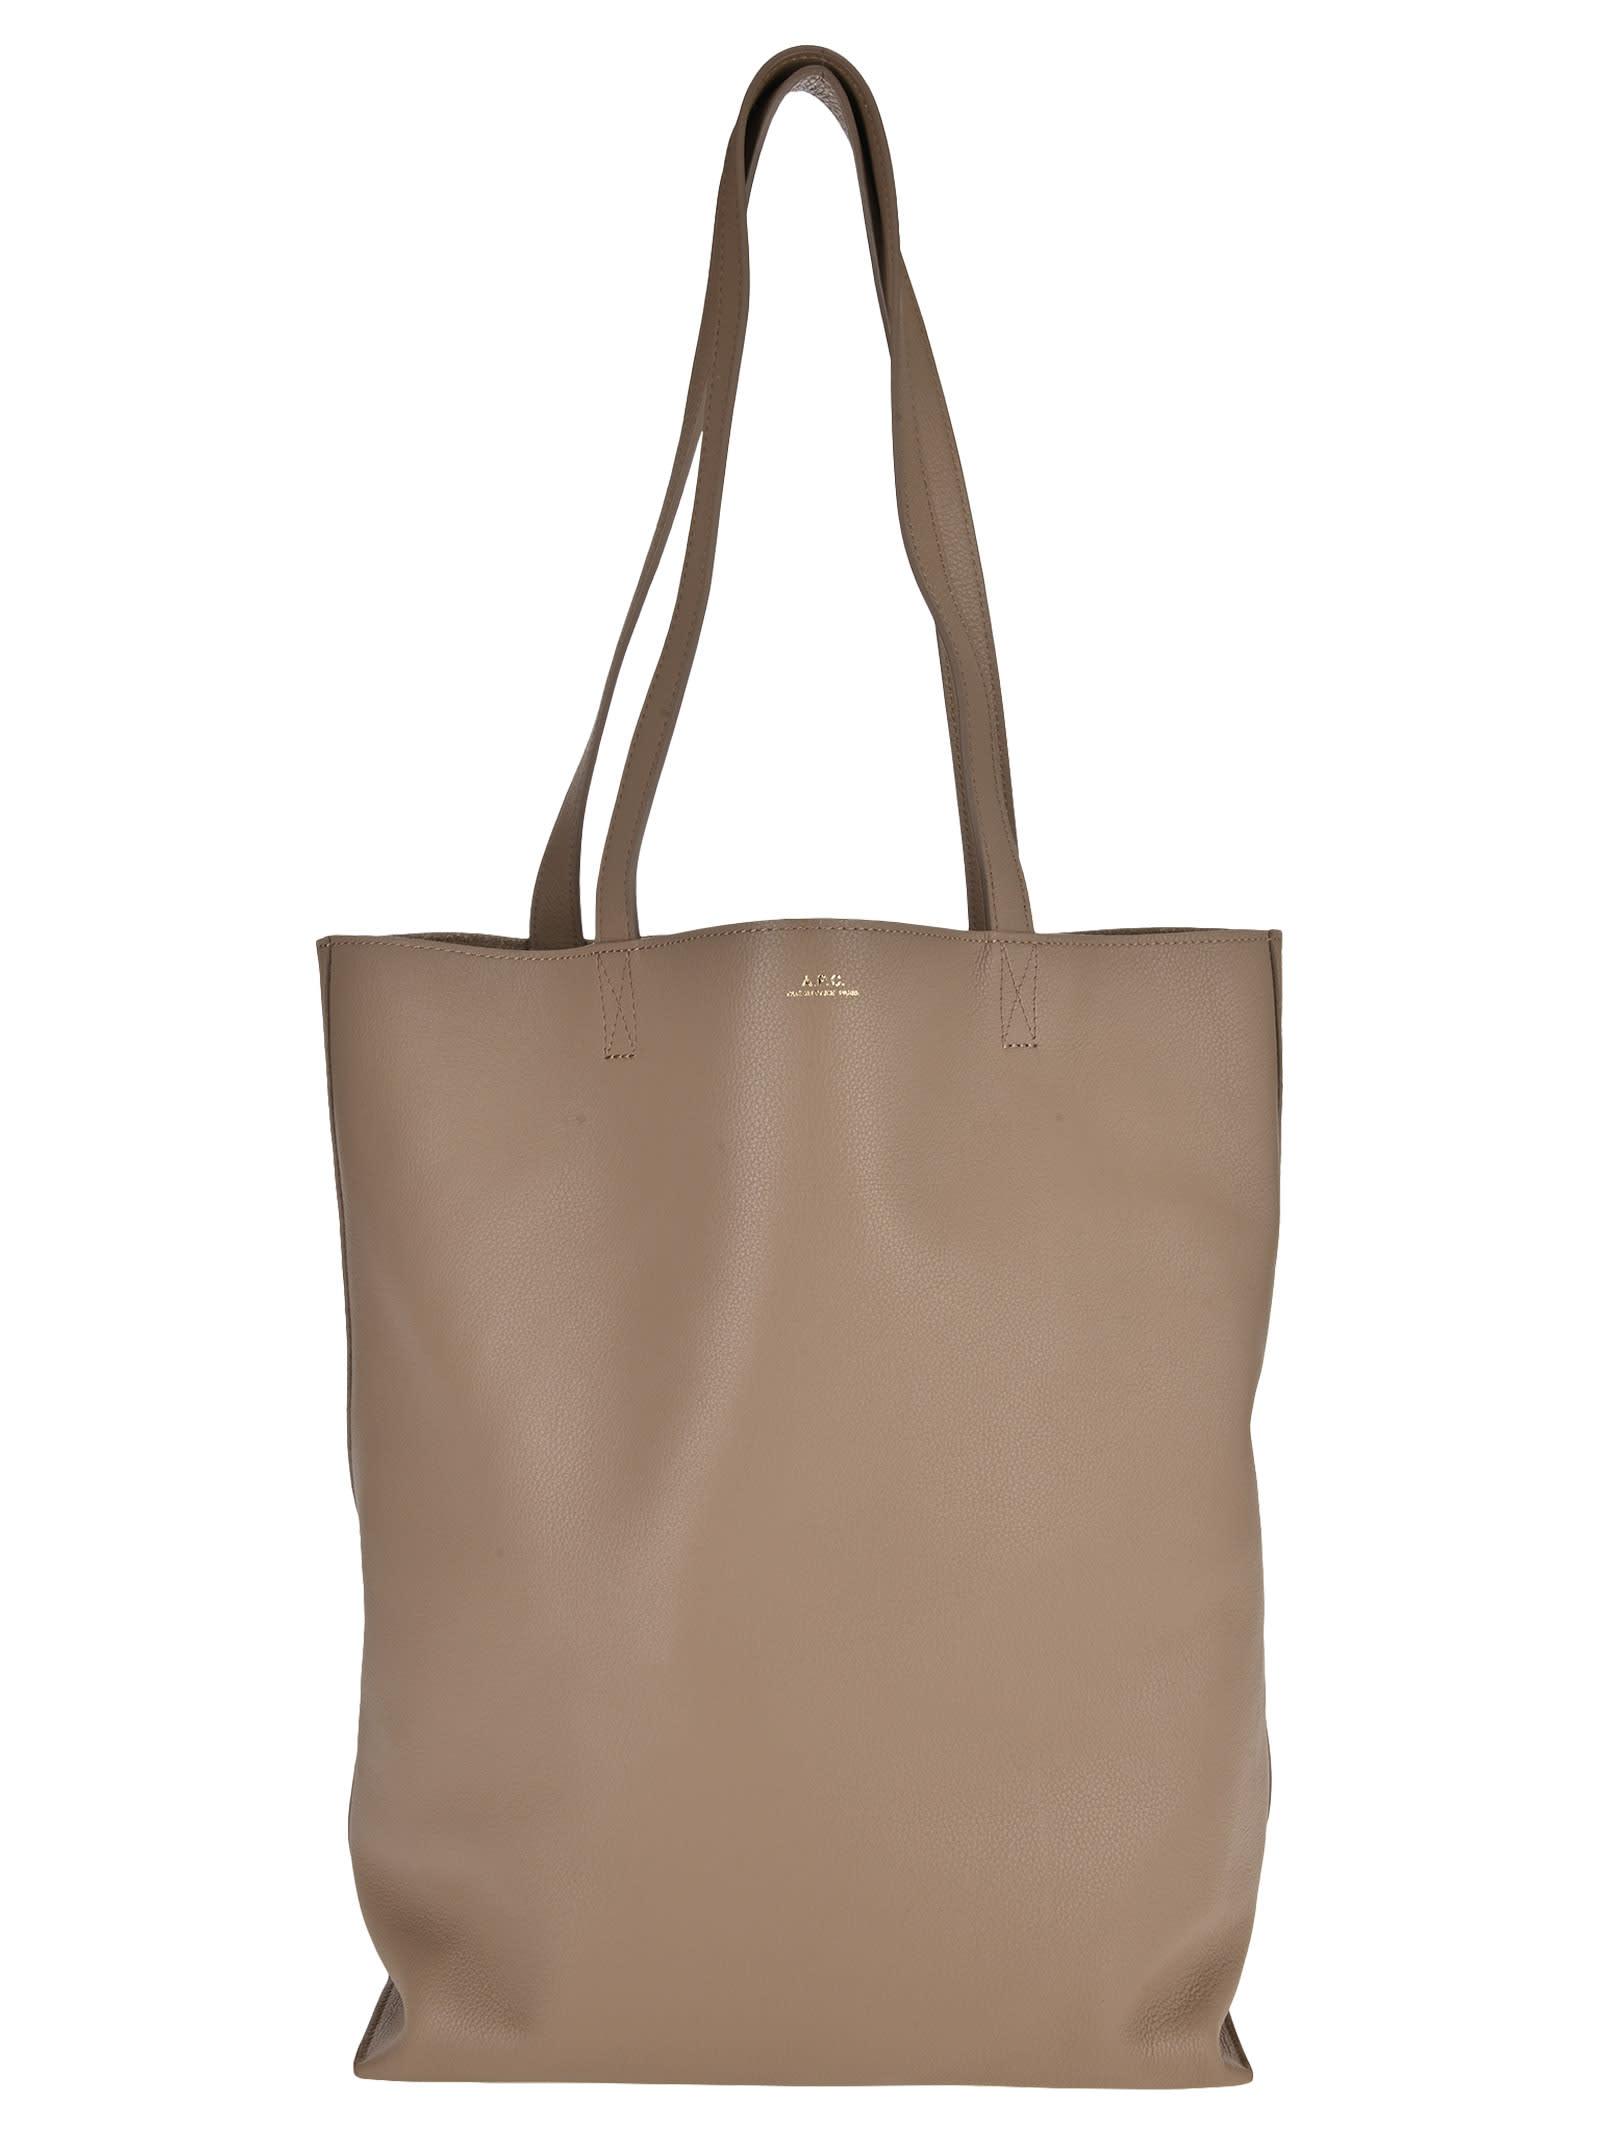 A.P.C. A.P.C. MAIKO SHOPPING BAG